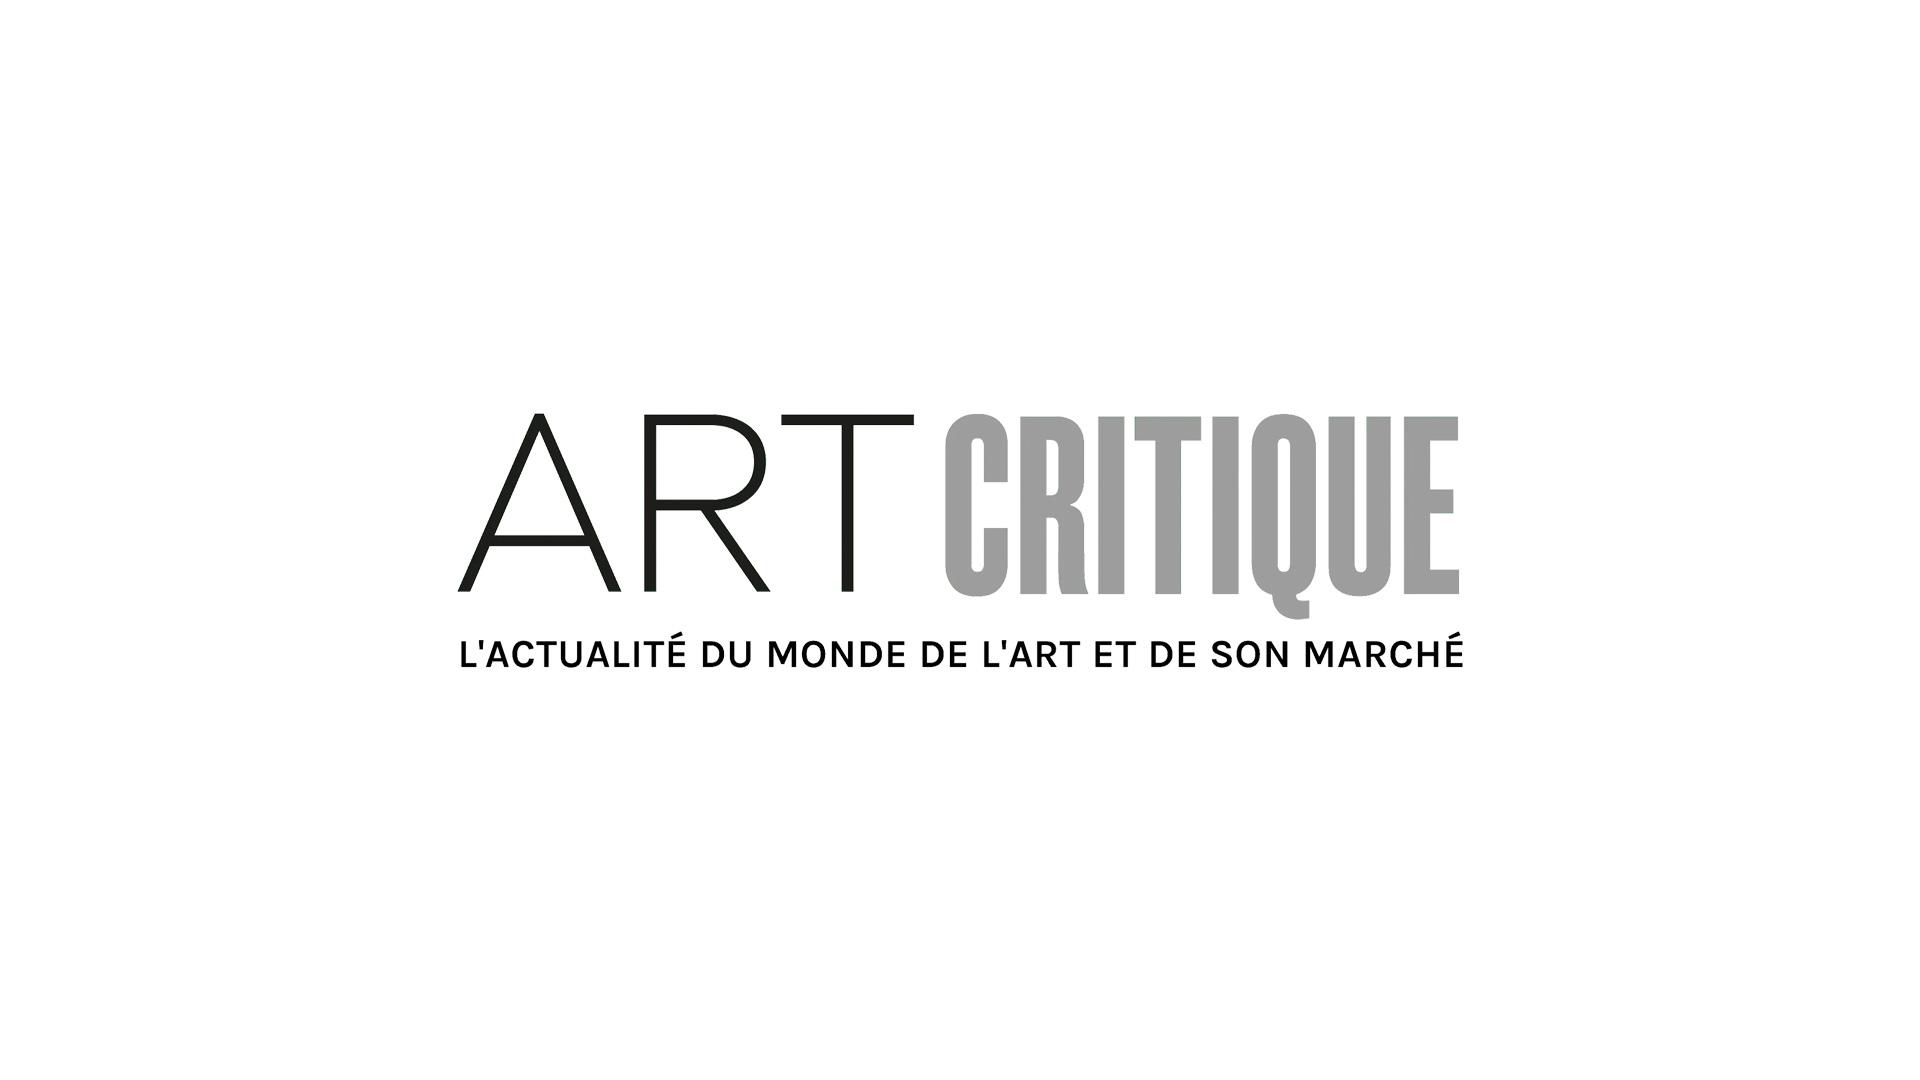 Les Carrières de Lumières dévoilent des images de leur exposition sur Dalí en ligne